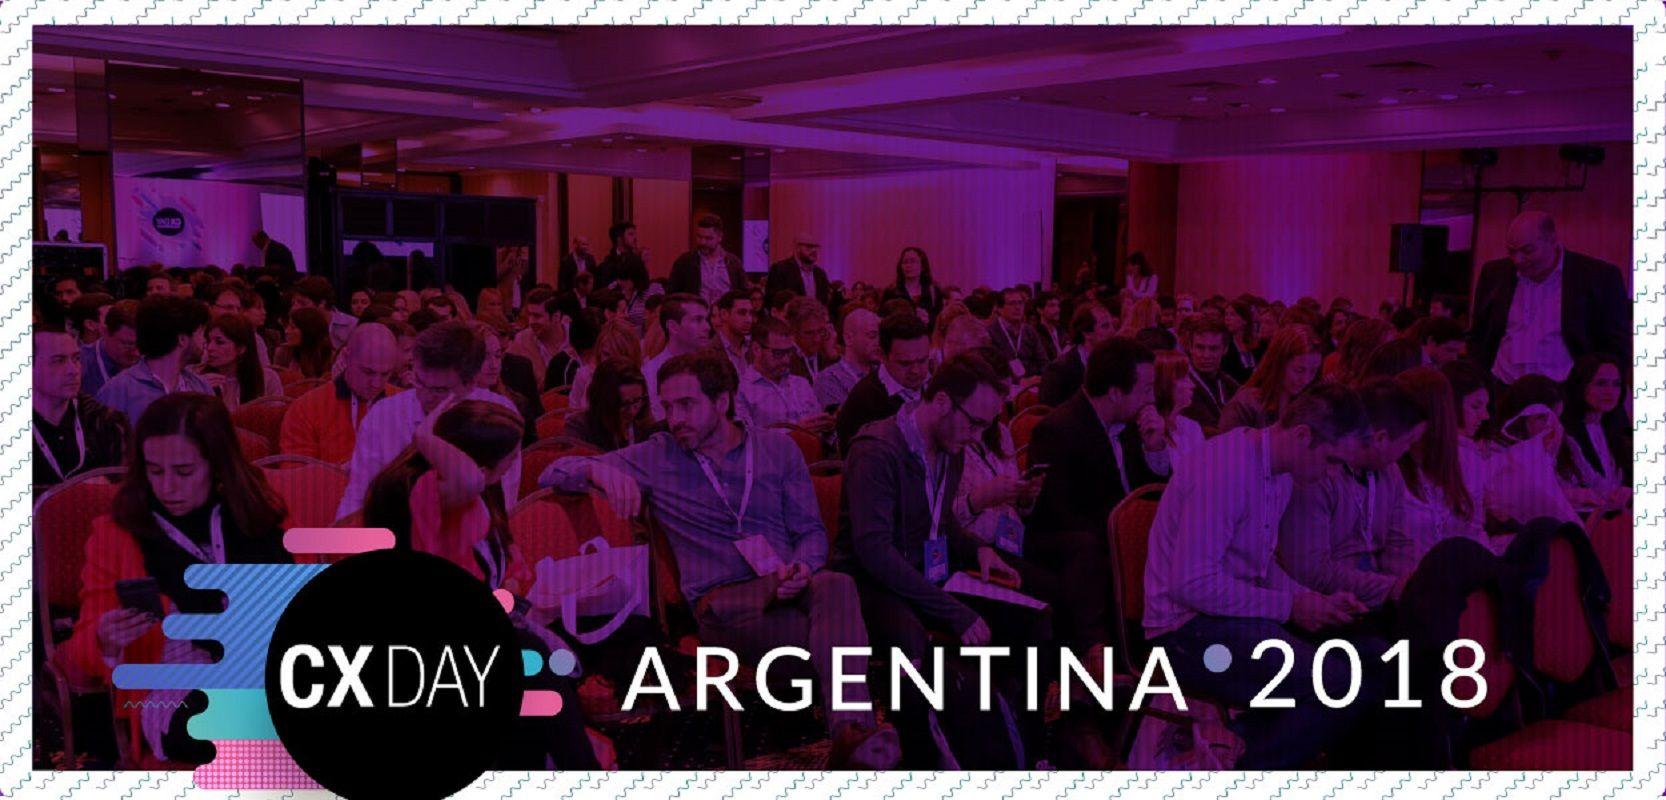 Ya está todo listo para celebrar El CX Day Argentina 2018